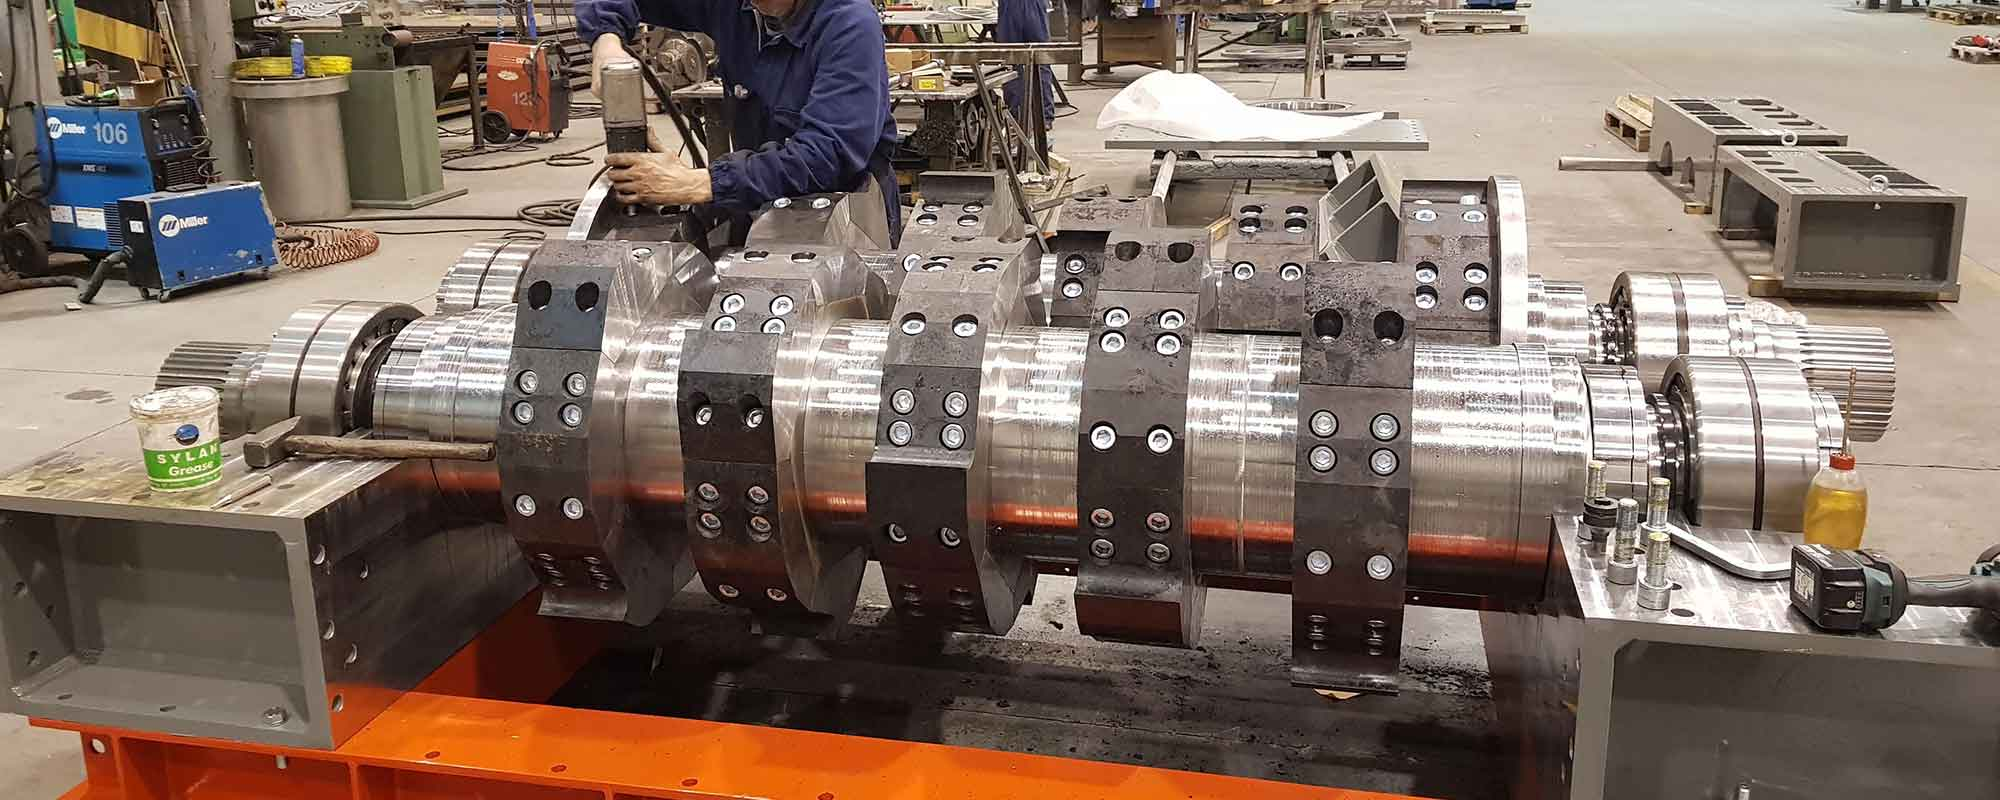 Particolare di un momento della produzione interna di un macchinario